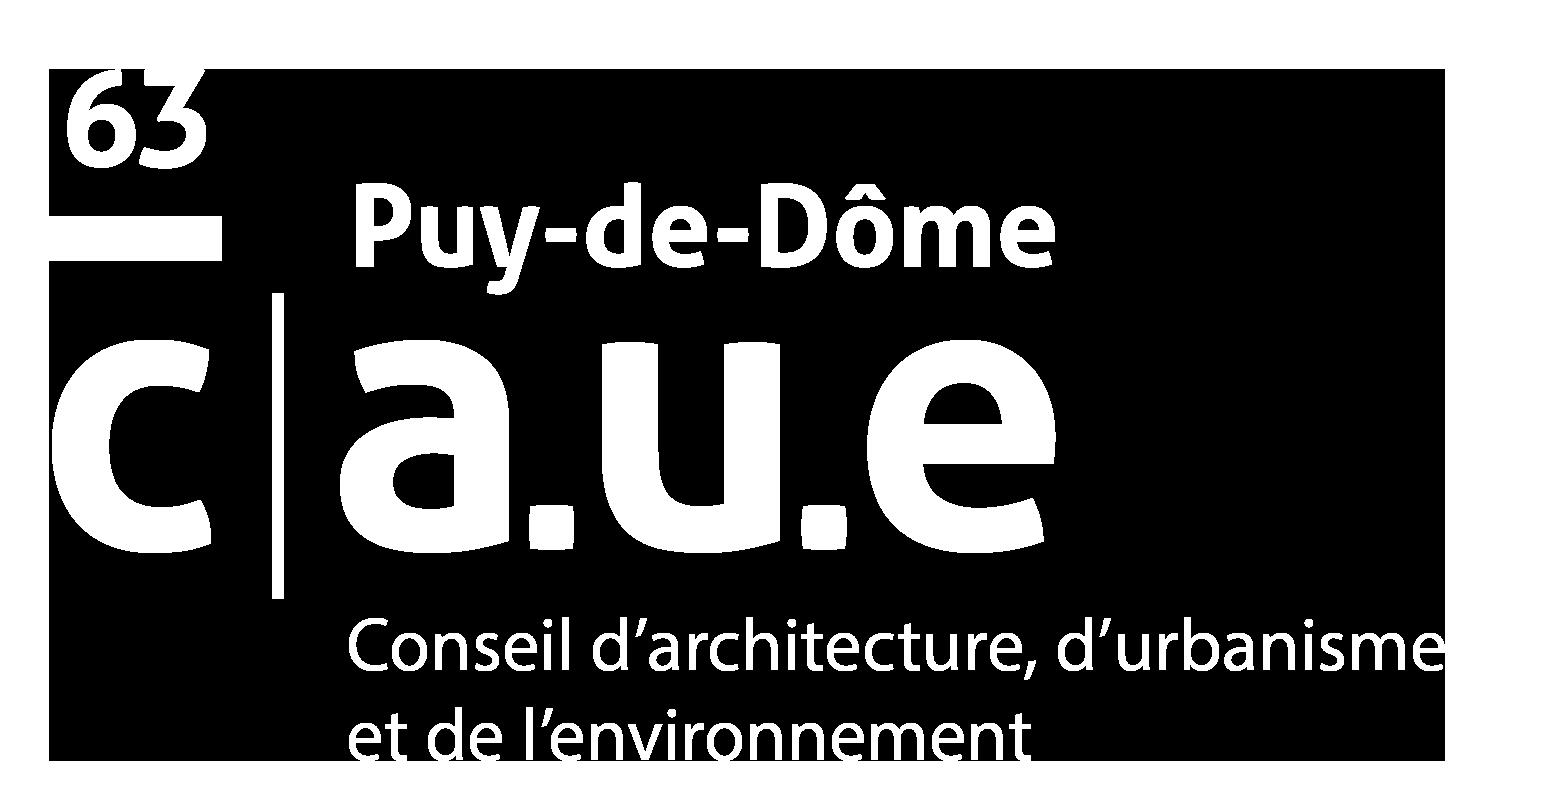 Conseil Architecture Urbanisme Environnement Puy-de-Dôme (CAUE63)